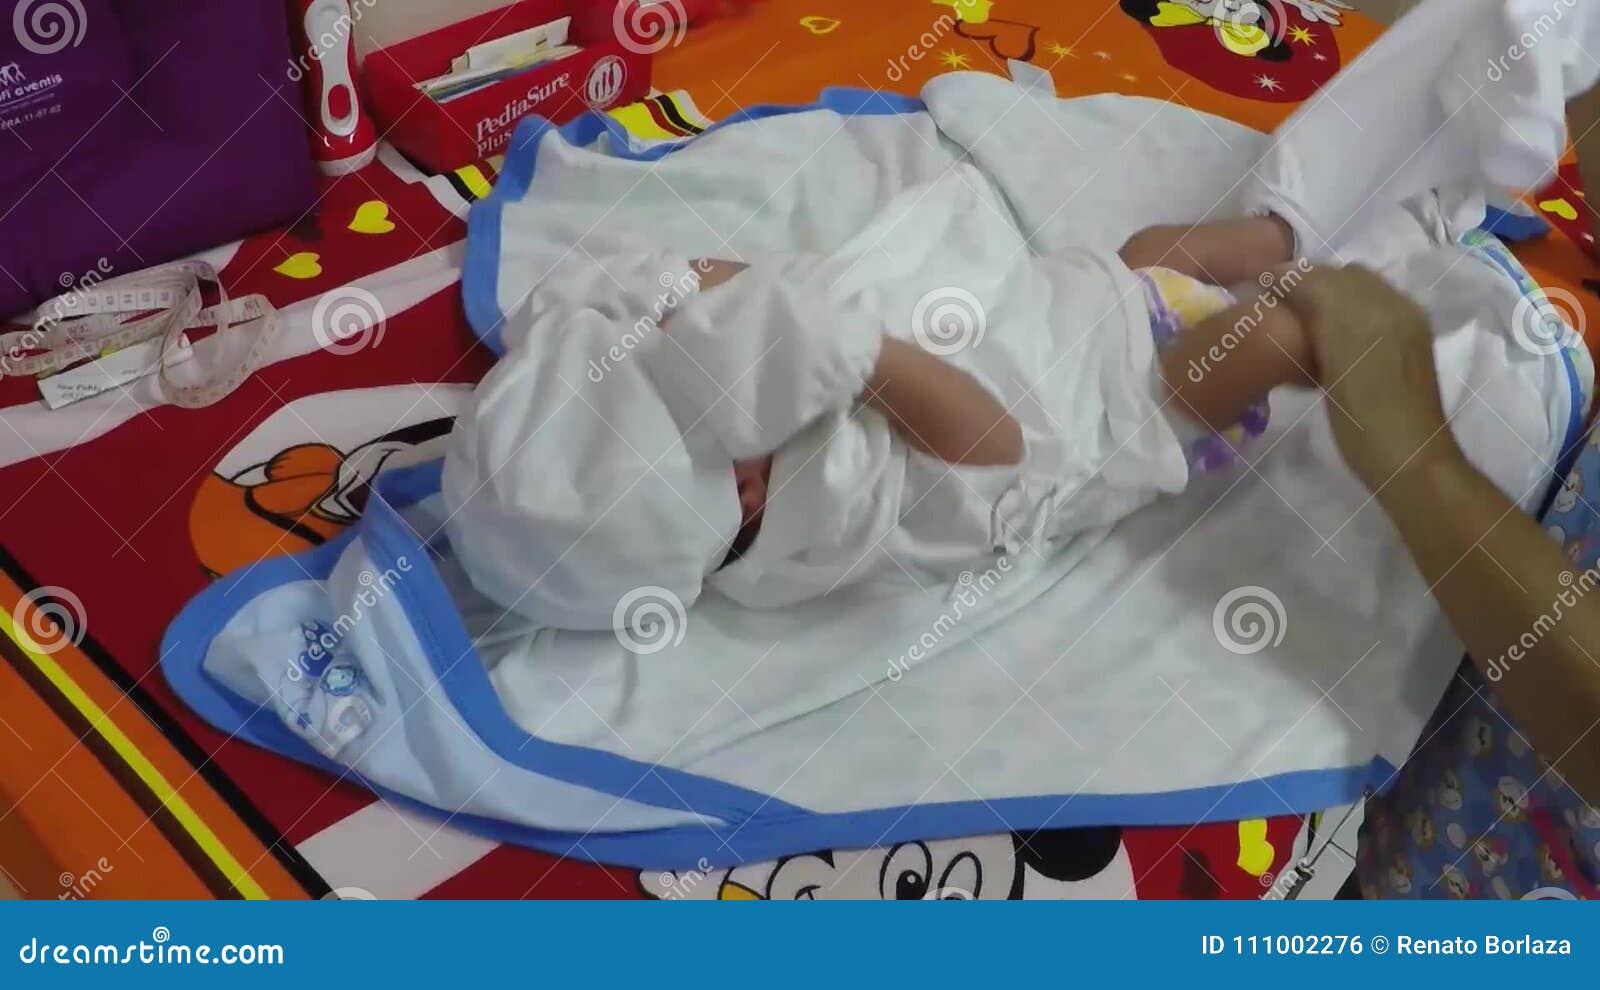 La Enfermera Desnuda Al Bebé En El Chequeo De La Clínica Nacimiento Hospital